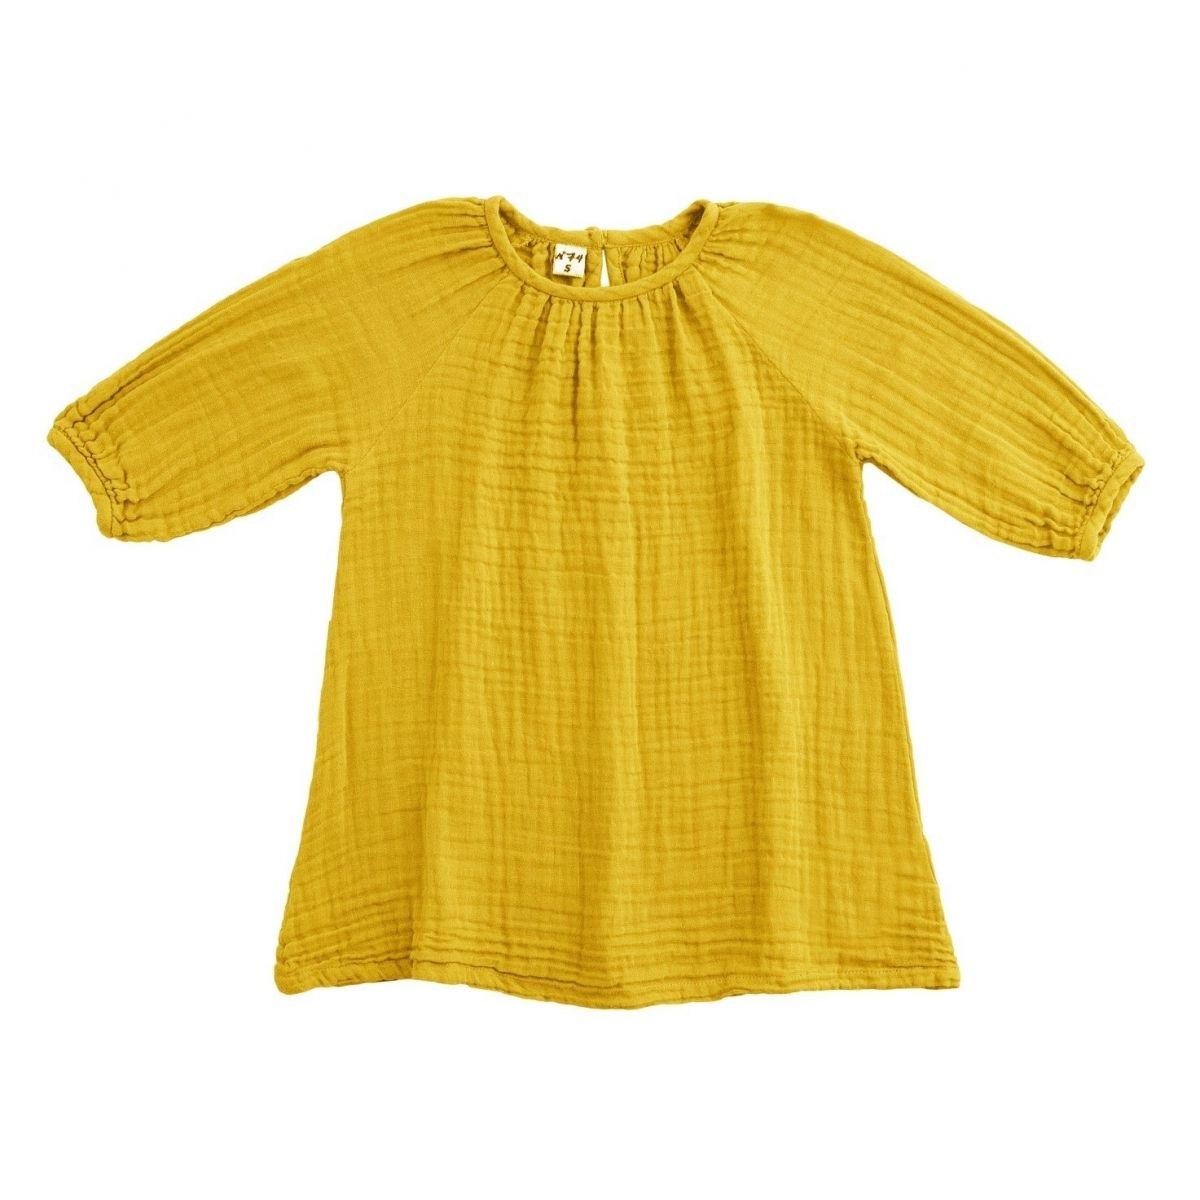 Dress Nina sunflower yellow - Numero 74